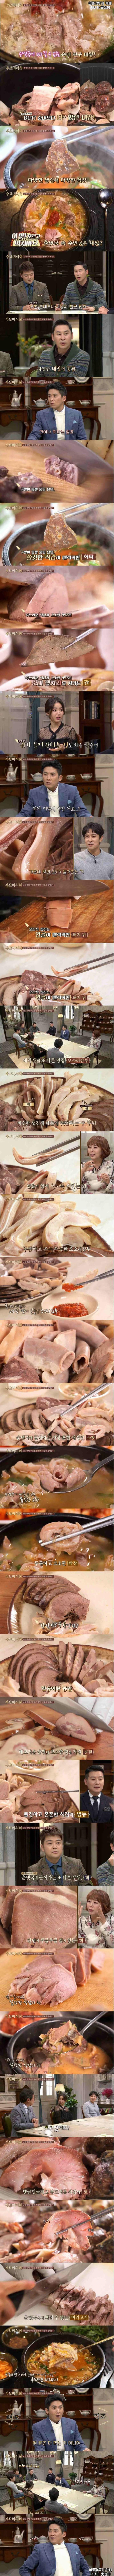 순대국밥 속 내용물